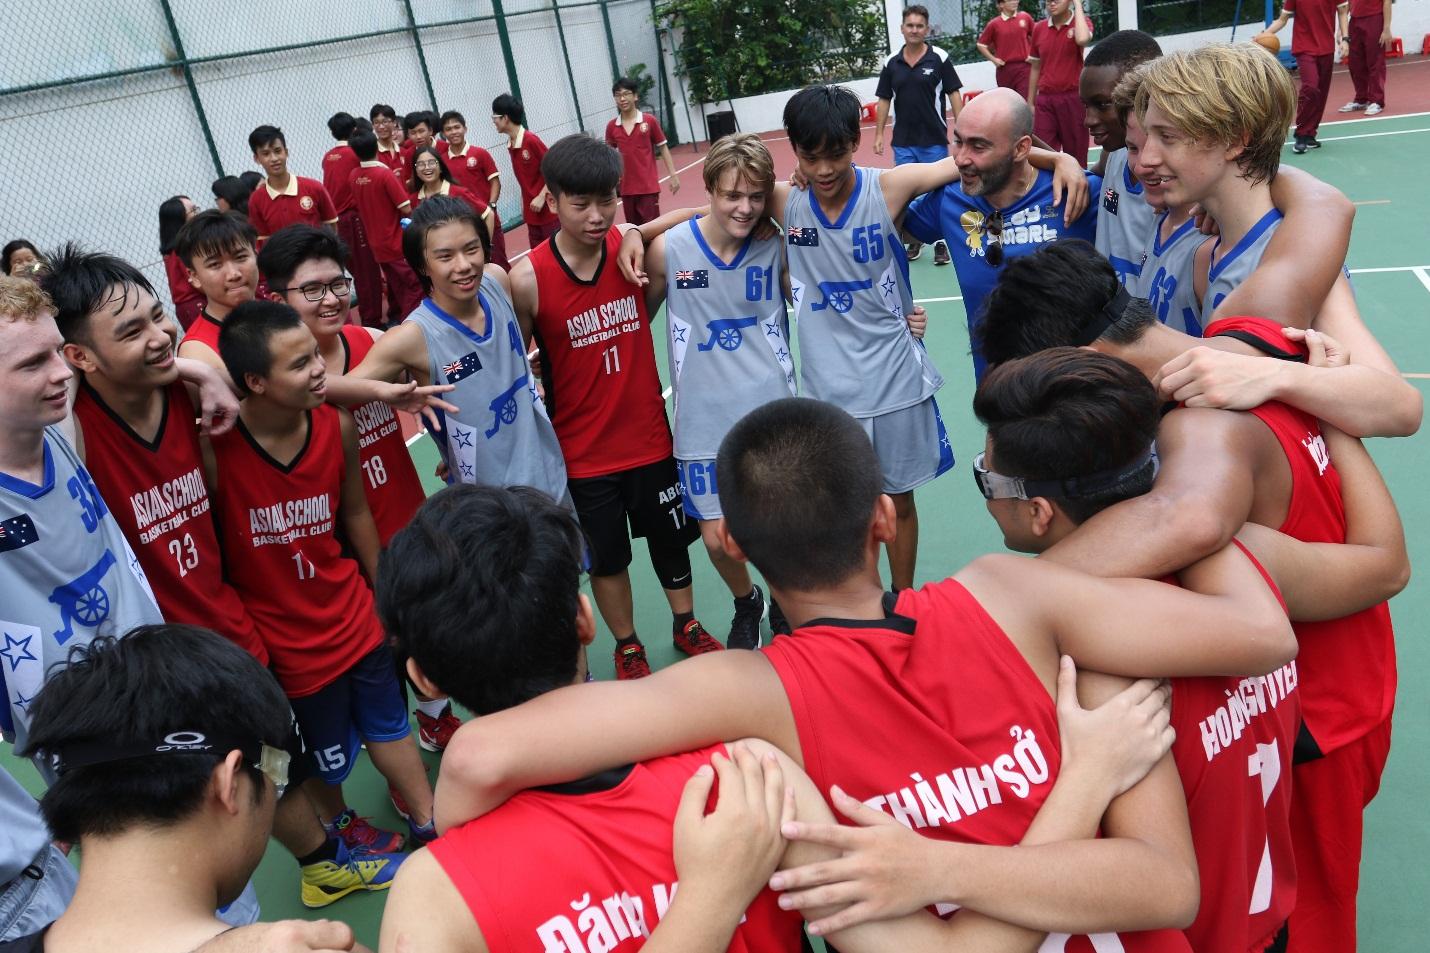 Buổi giao lưu ấn tượng giữa Trường Quốc tế Á Châu và Trường Essington School Darwin